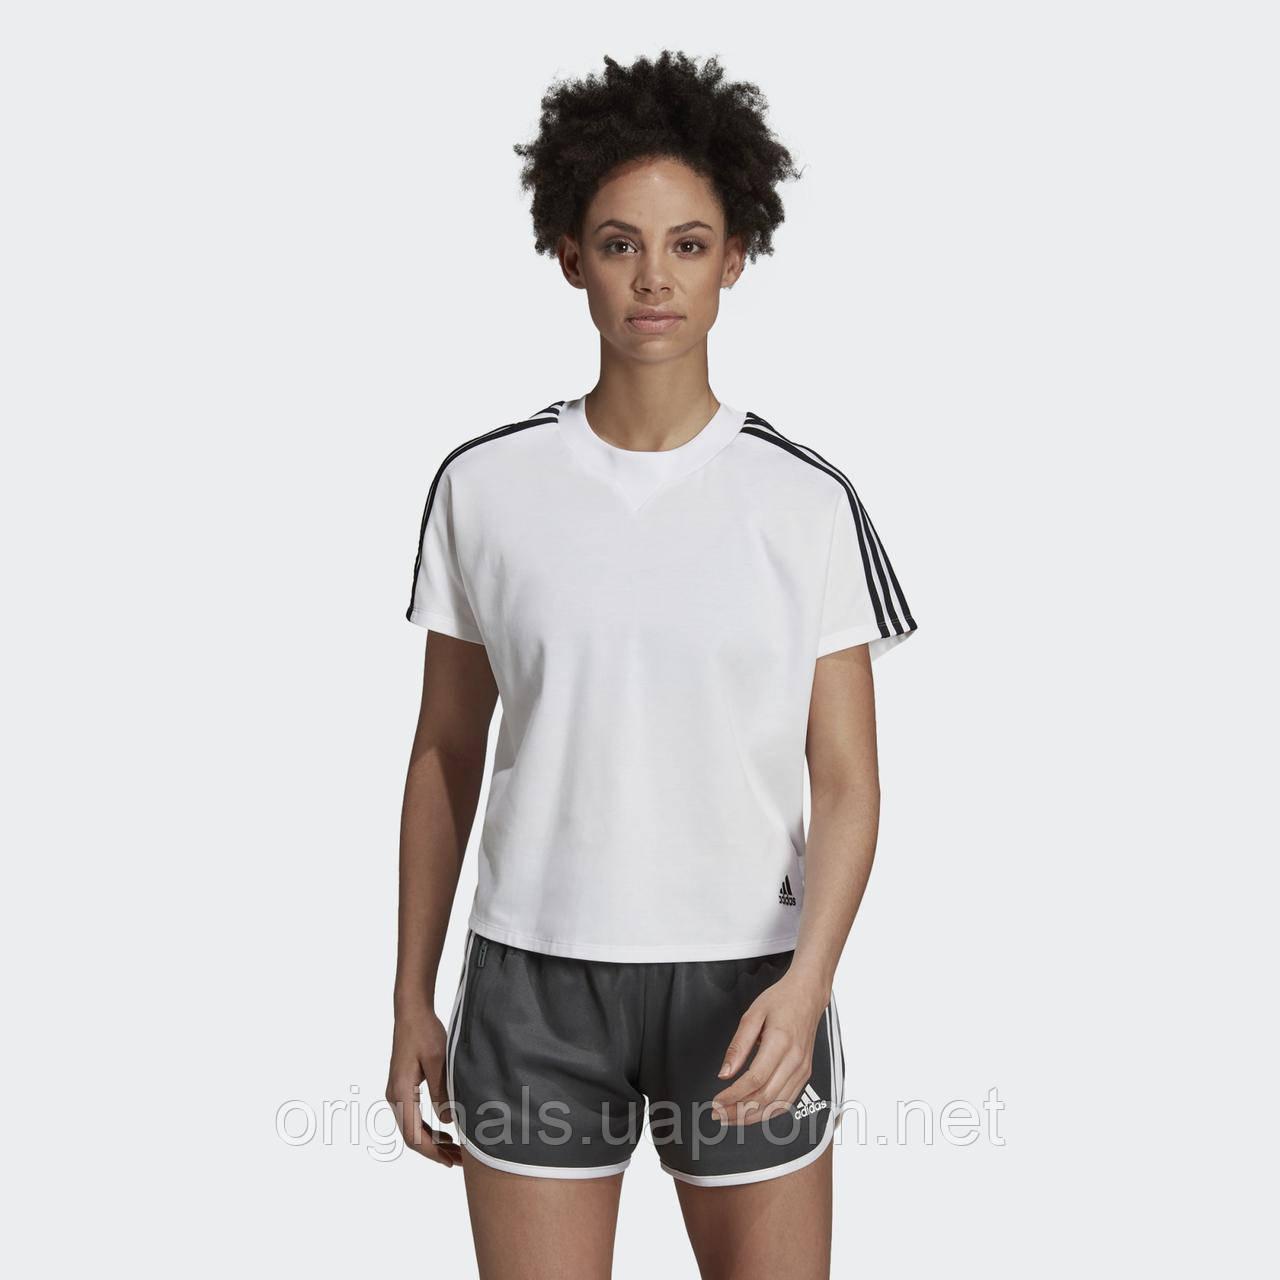 Женская футболка Adidas Atteetude Tee DY8508